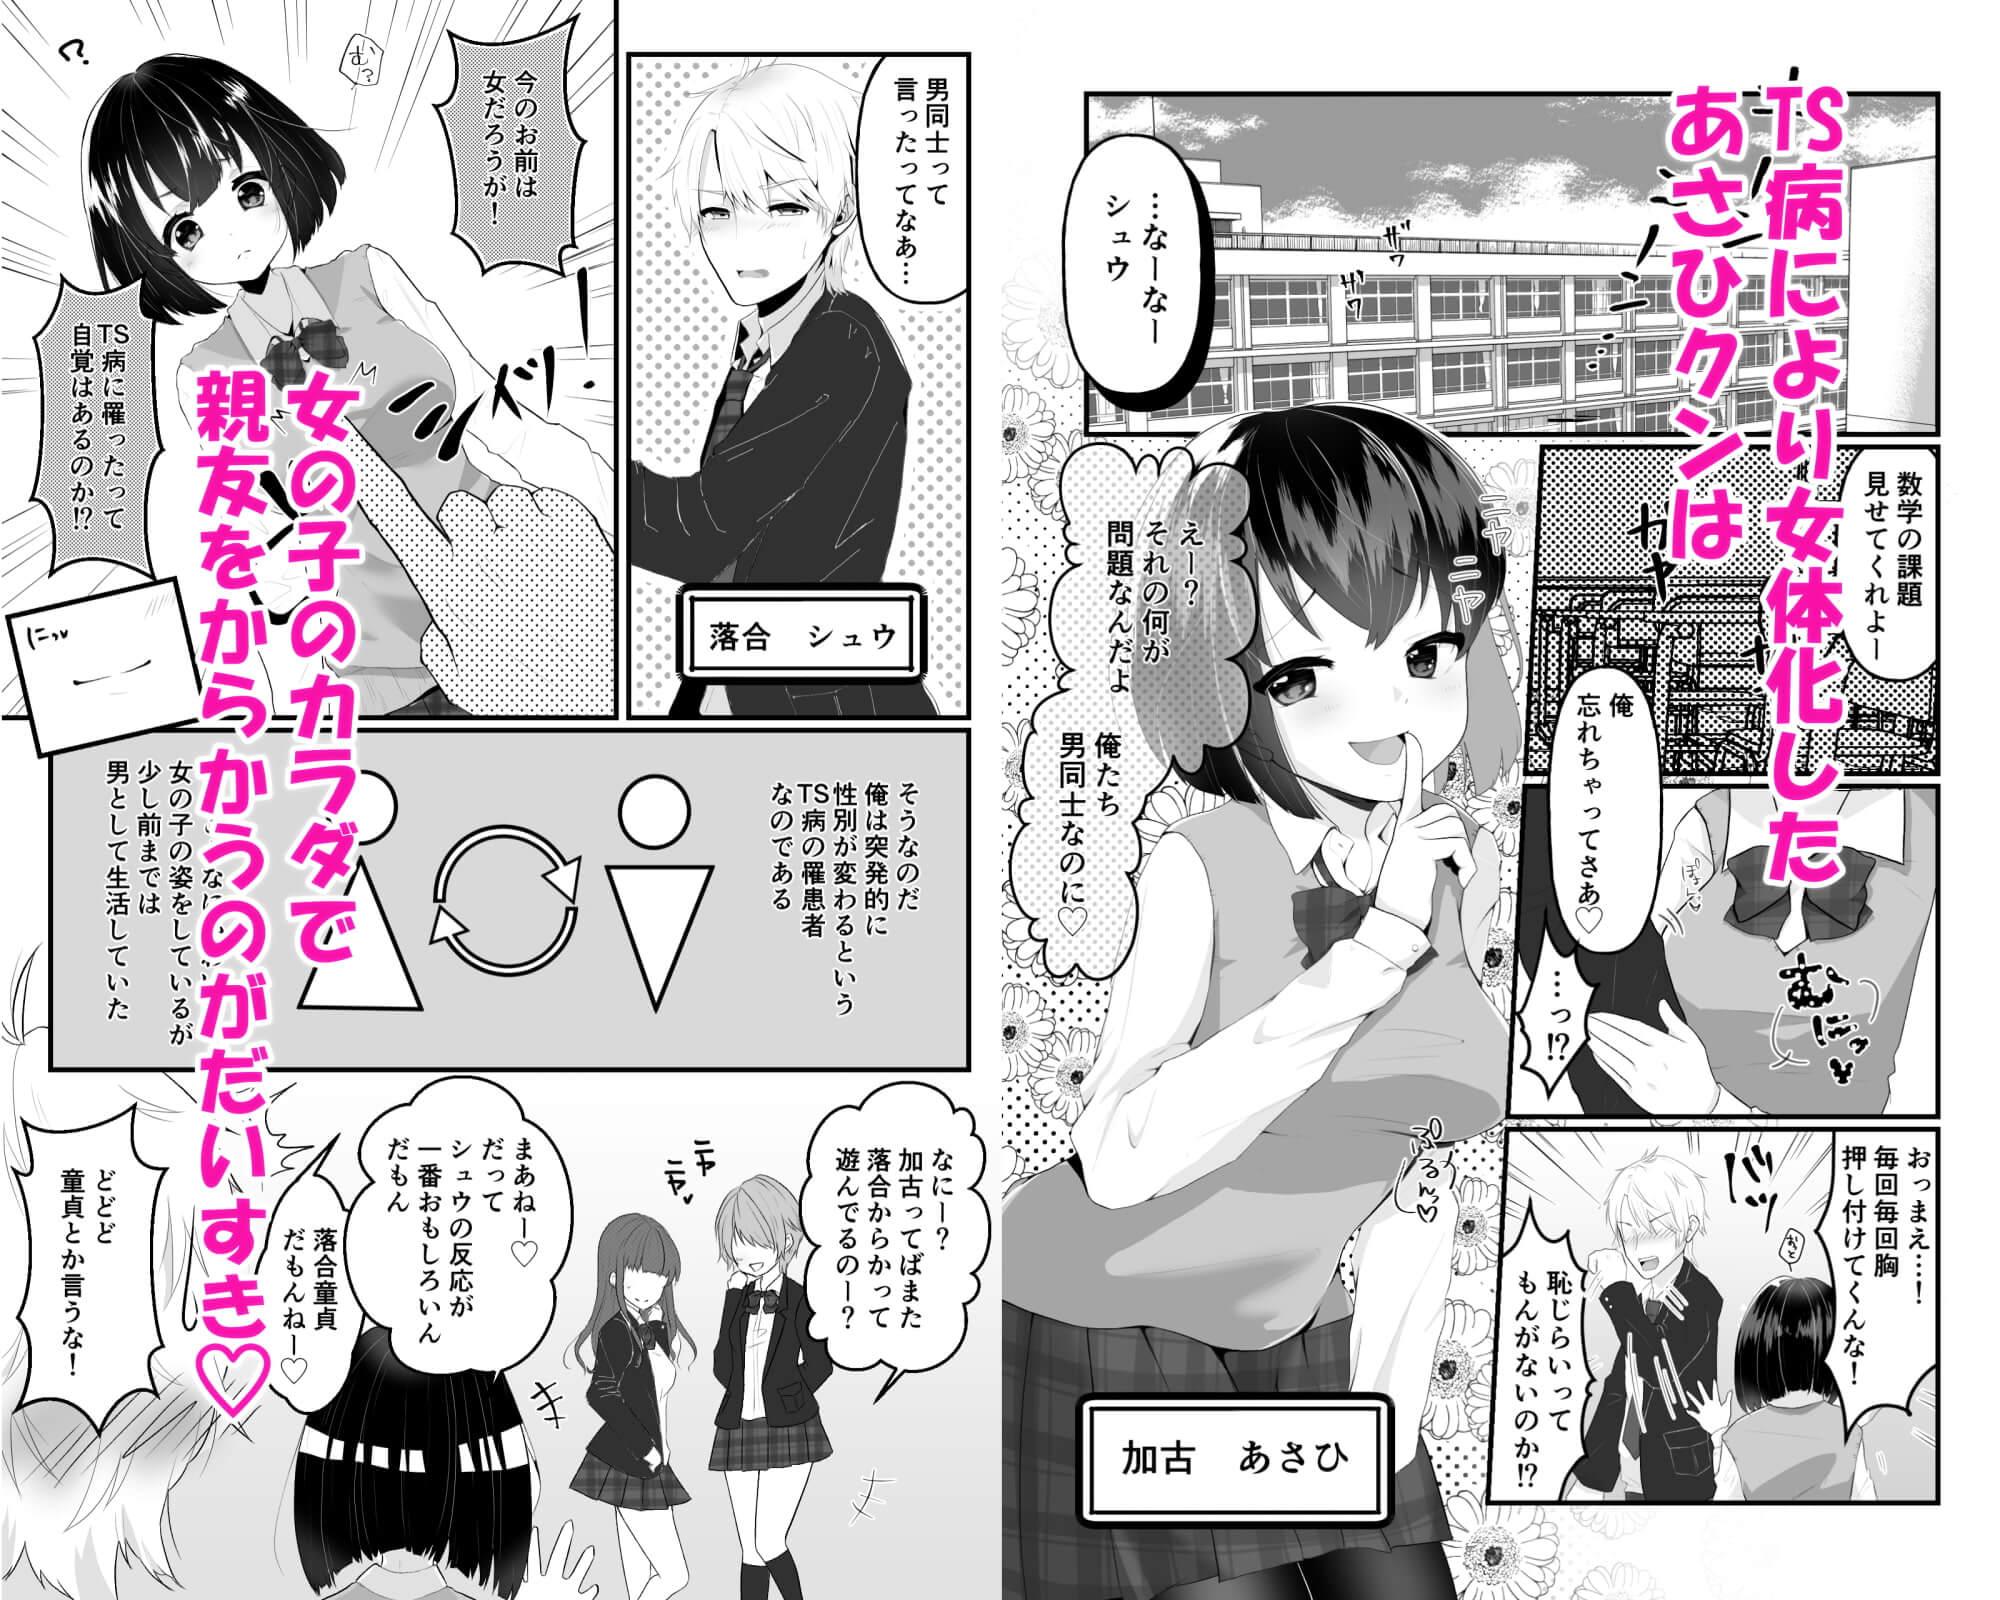 【TS娘ちゃんわからせ日誌】親友君を揶揄って楽しむTSっ娘です!!